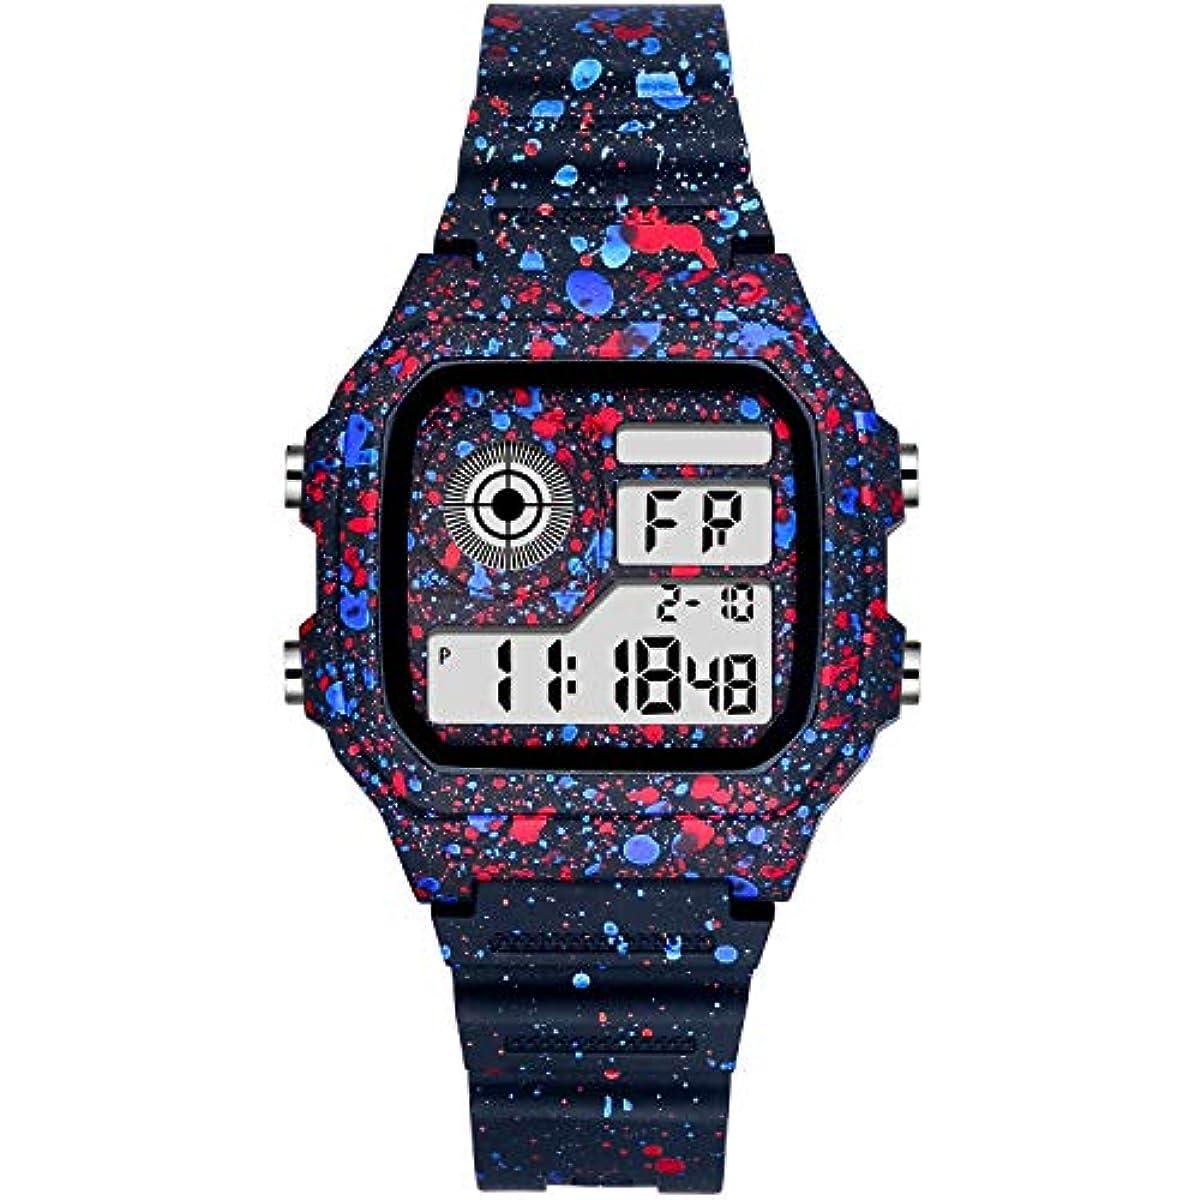 [해외] PROKING디지탈 손목시계 맨즈 레이디스 남녀 통용 방수 손목시계 LED WATCH 스포츠 워치 알람 스톱워치 기능 첨부 와 30M 방물시계 보기 편리하다 (블루&레드)